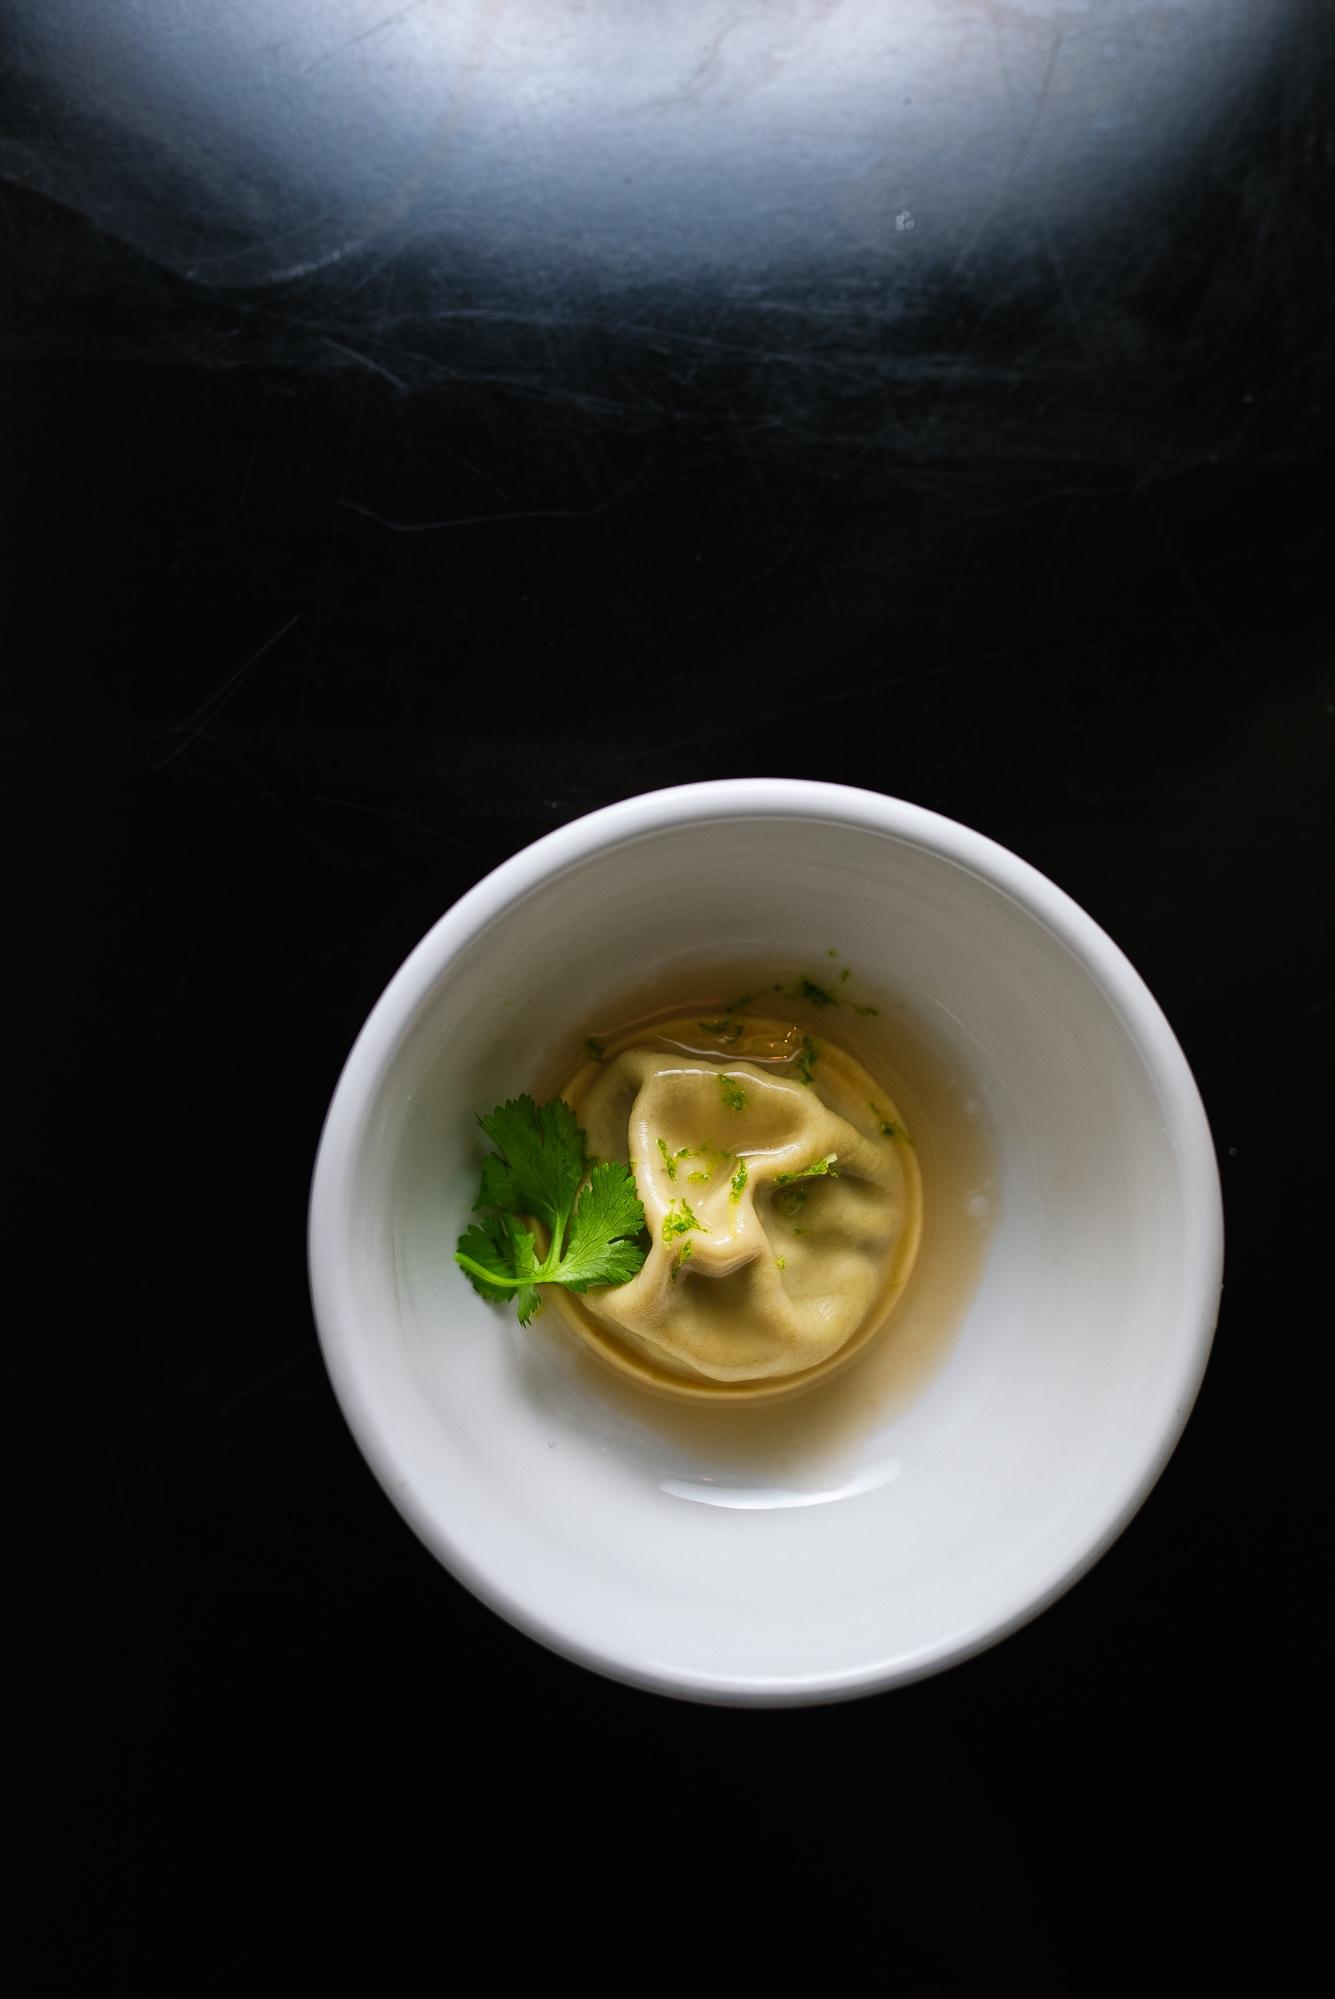 Khao Soi Soup Dumpling - curry leaf nage, cilantro, lime zest